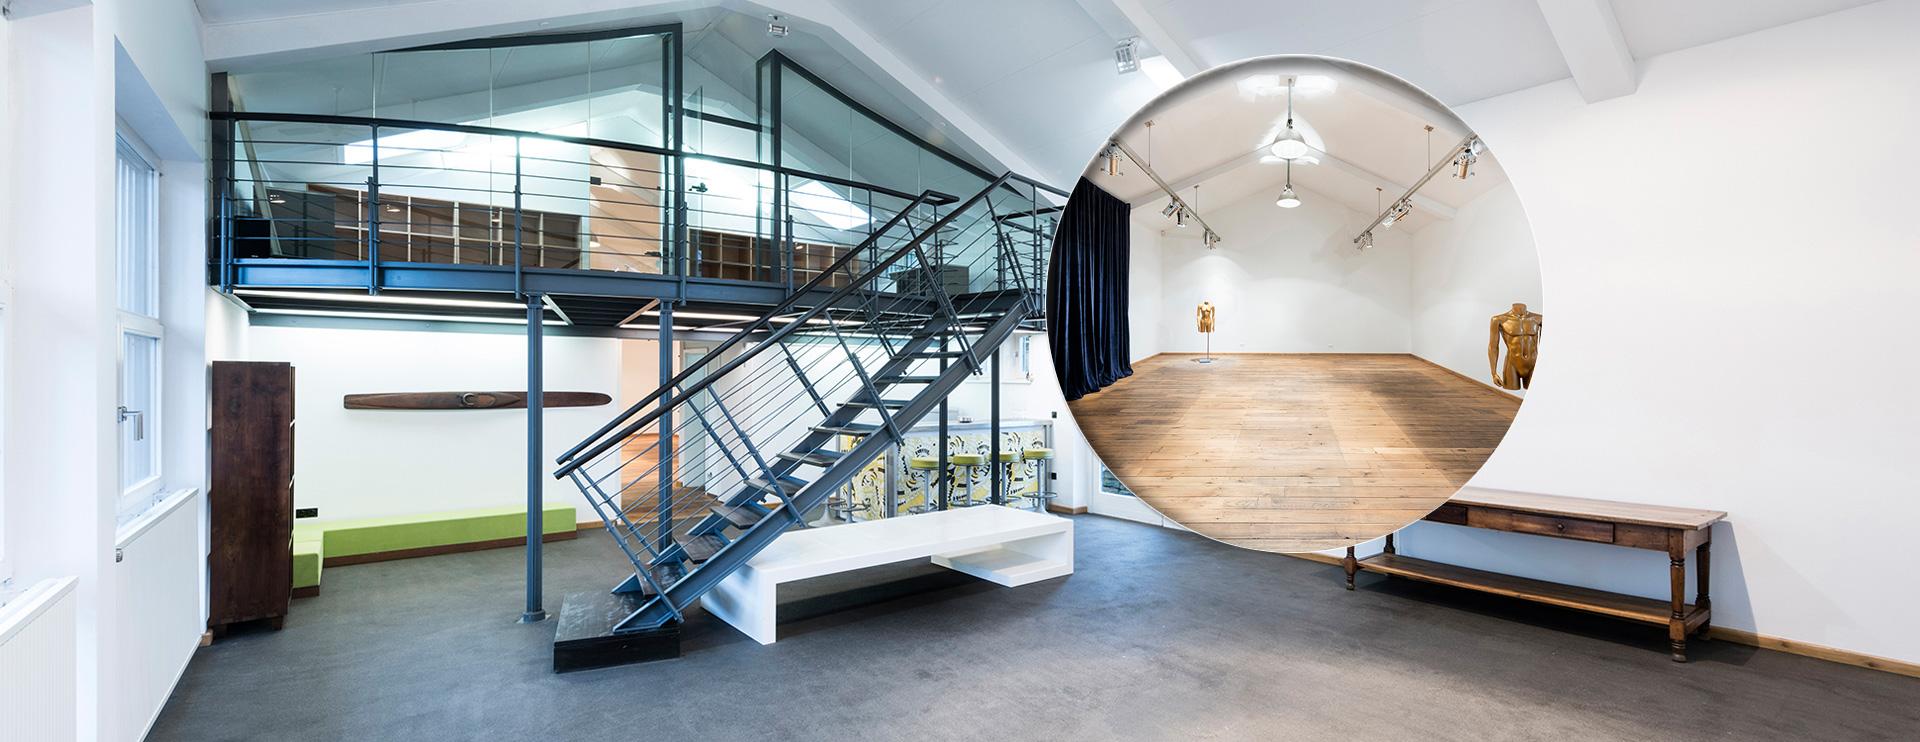 HIRE-PARC Ateliers